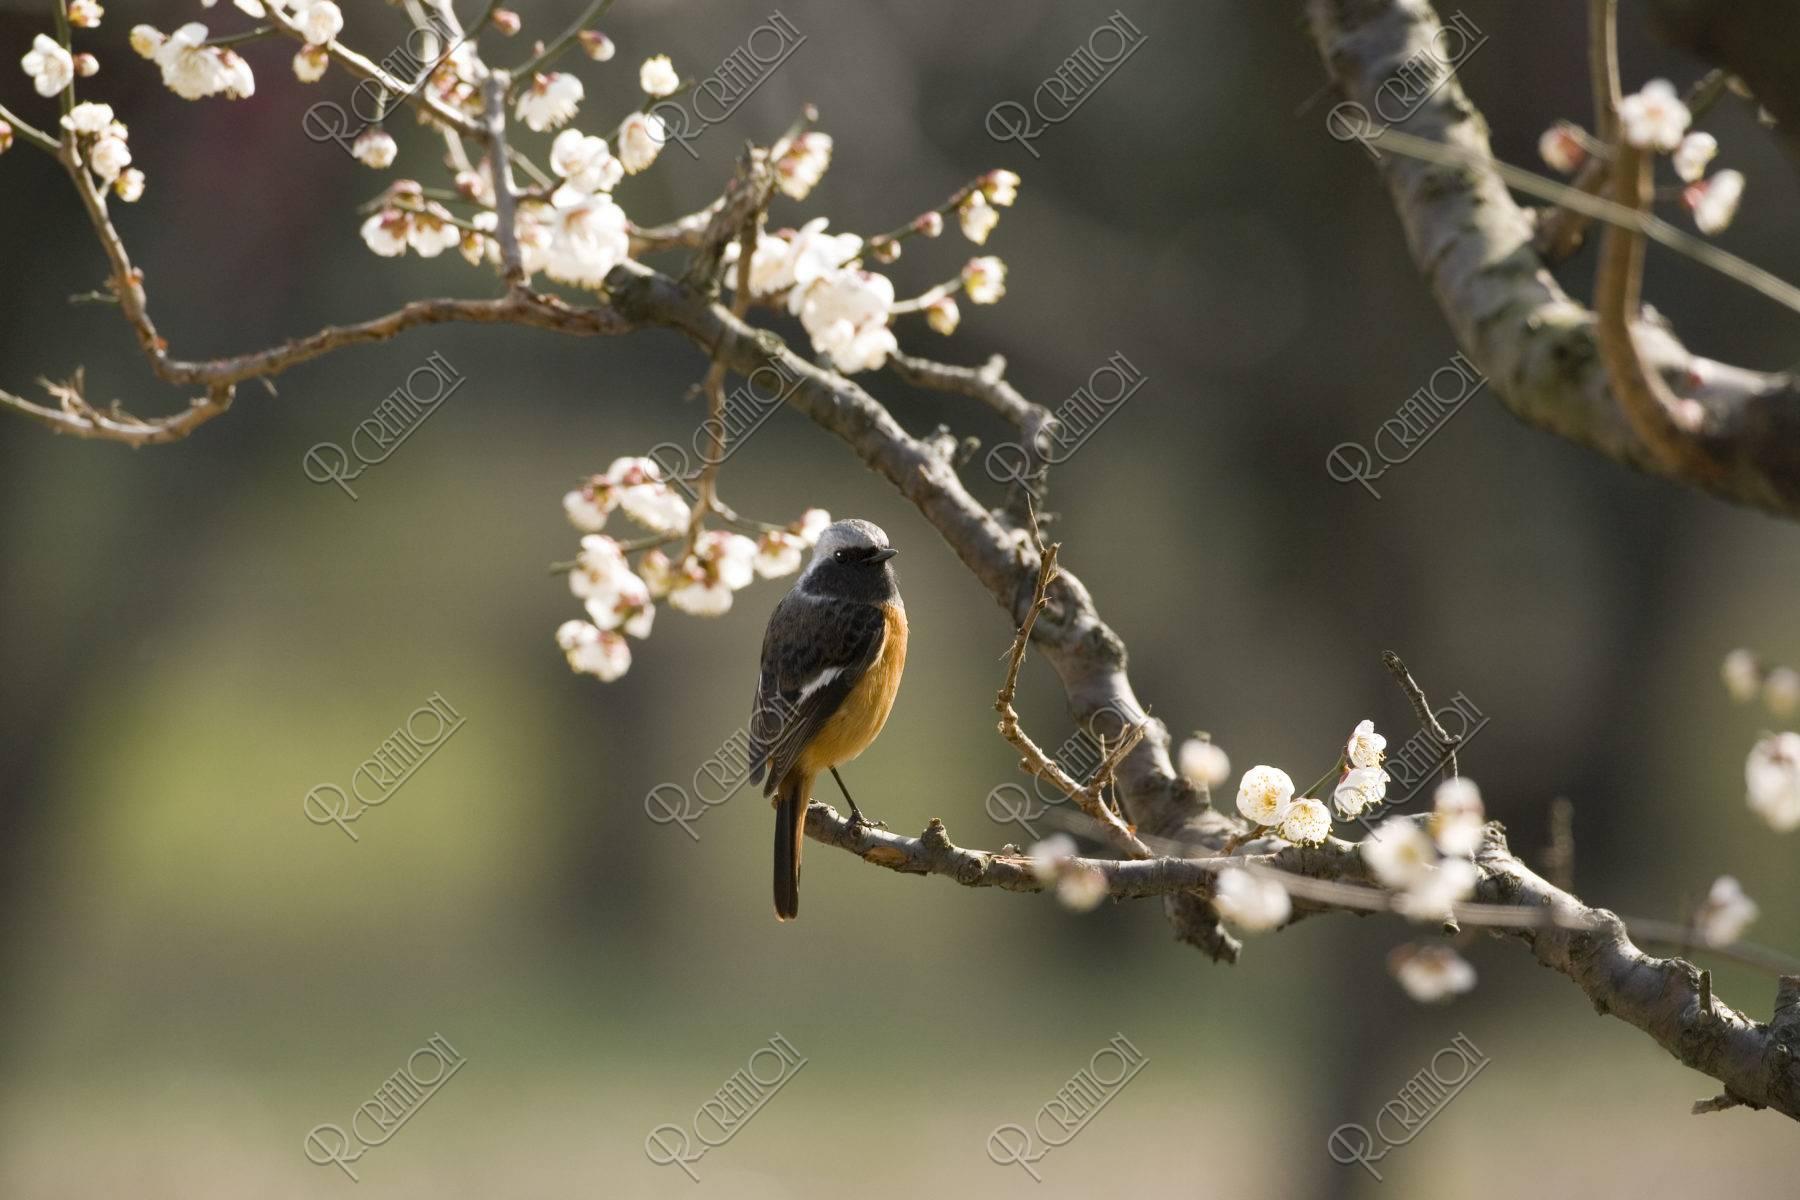 ジョウビタキ 野鳥 鳥 梅 白梅 春